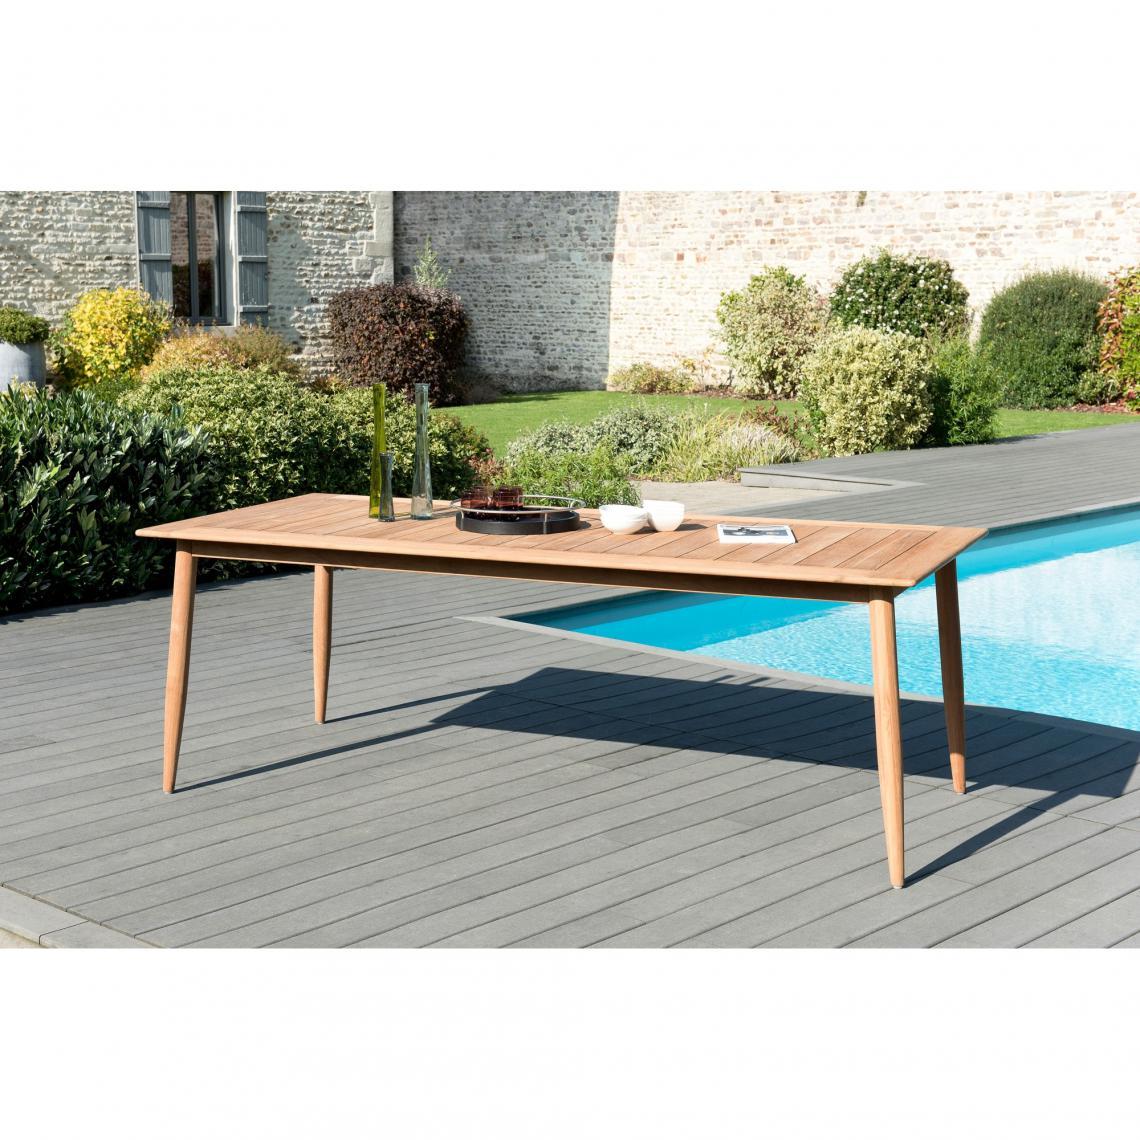 table de jardin rectangulaire avec pieds scandinaves en teck massif